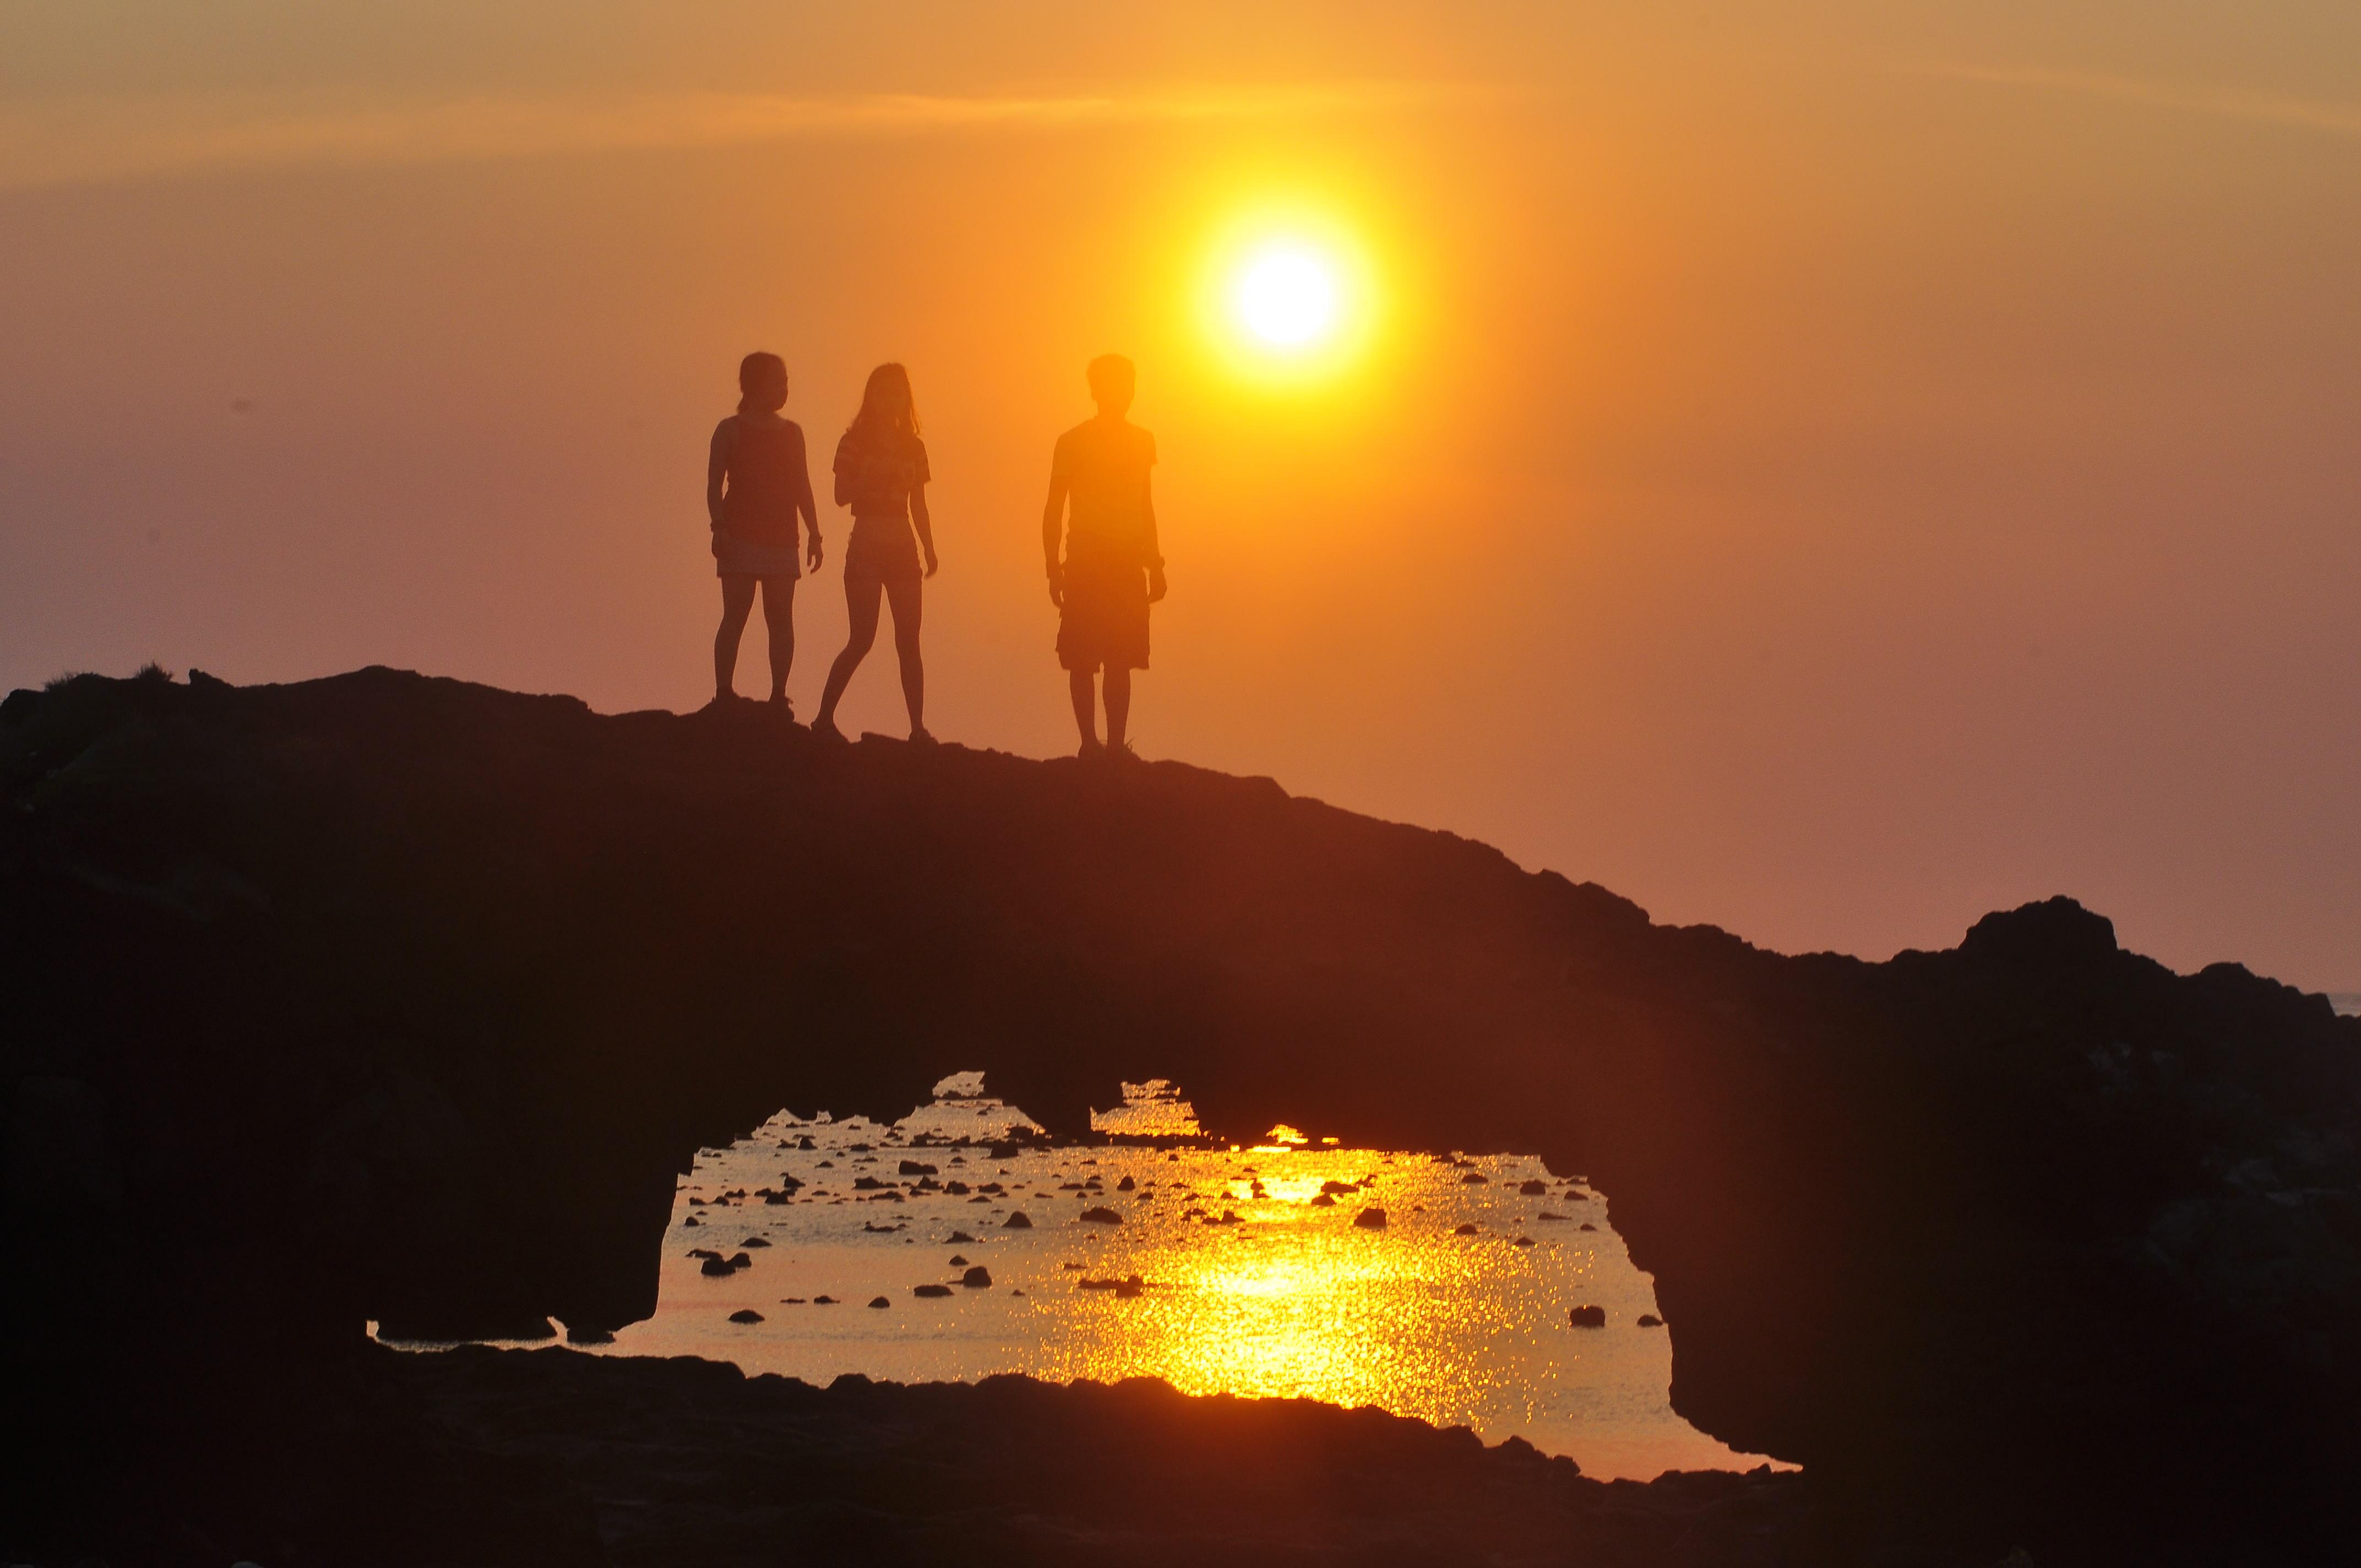 Hình ảnh Khám phá vẻ đẹp quên lối về ở đảo Lý Sơn số 1